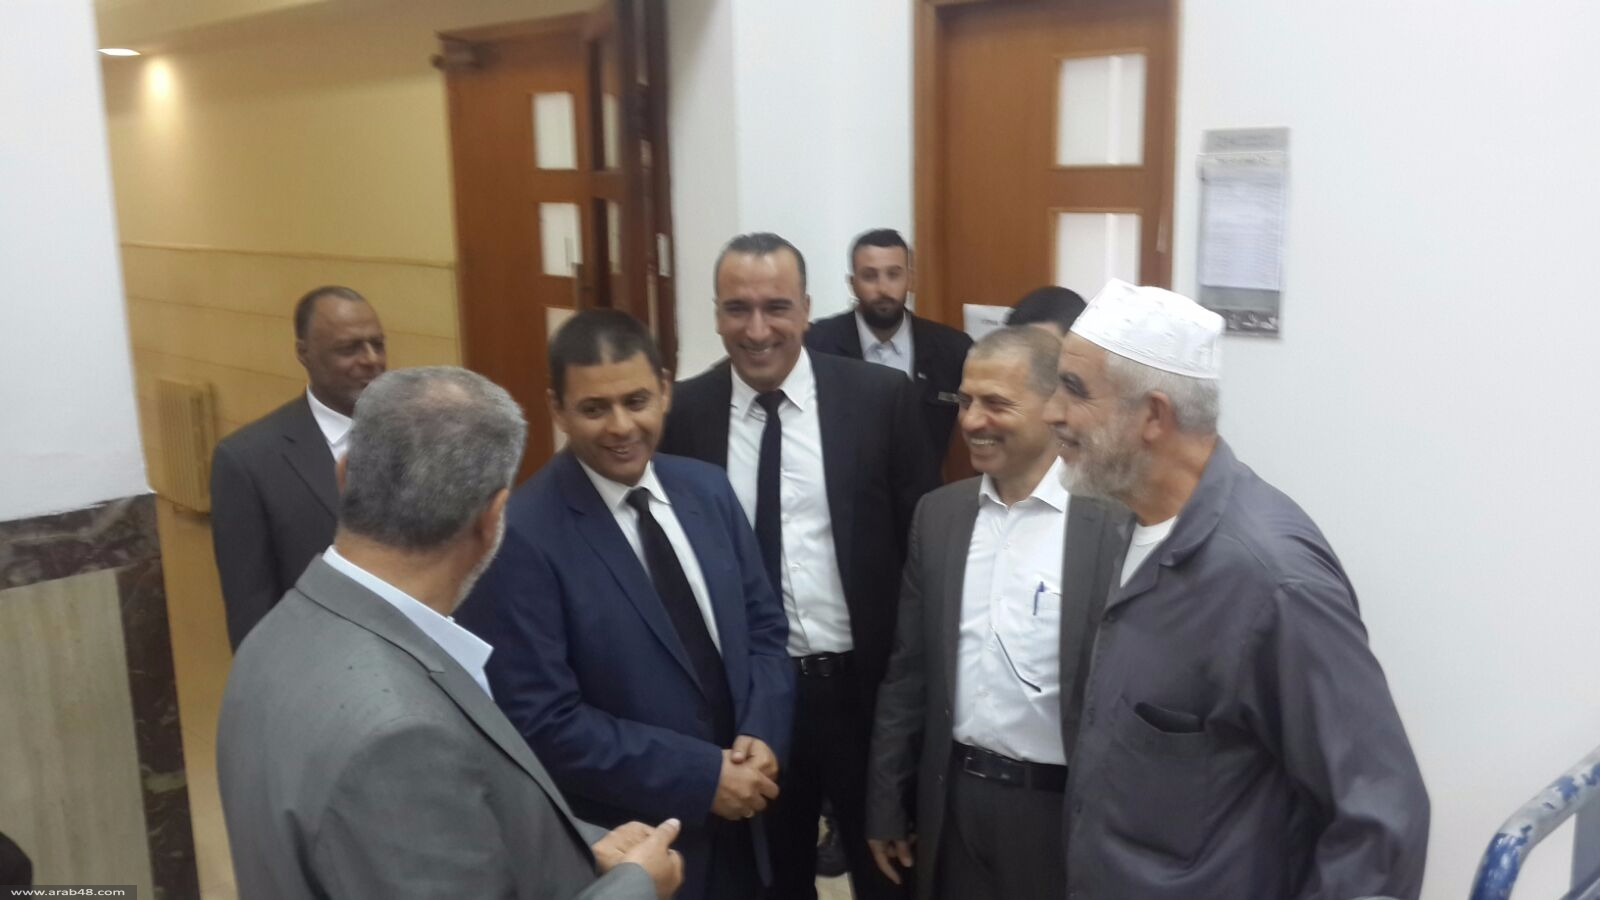 المحكمة تقرر سجن الشيخ رائد صلاح بتاريخ 15.11.2015